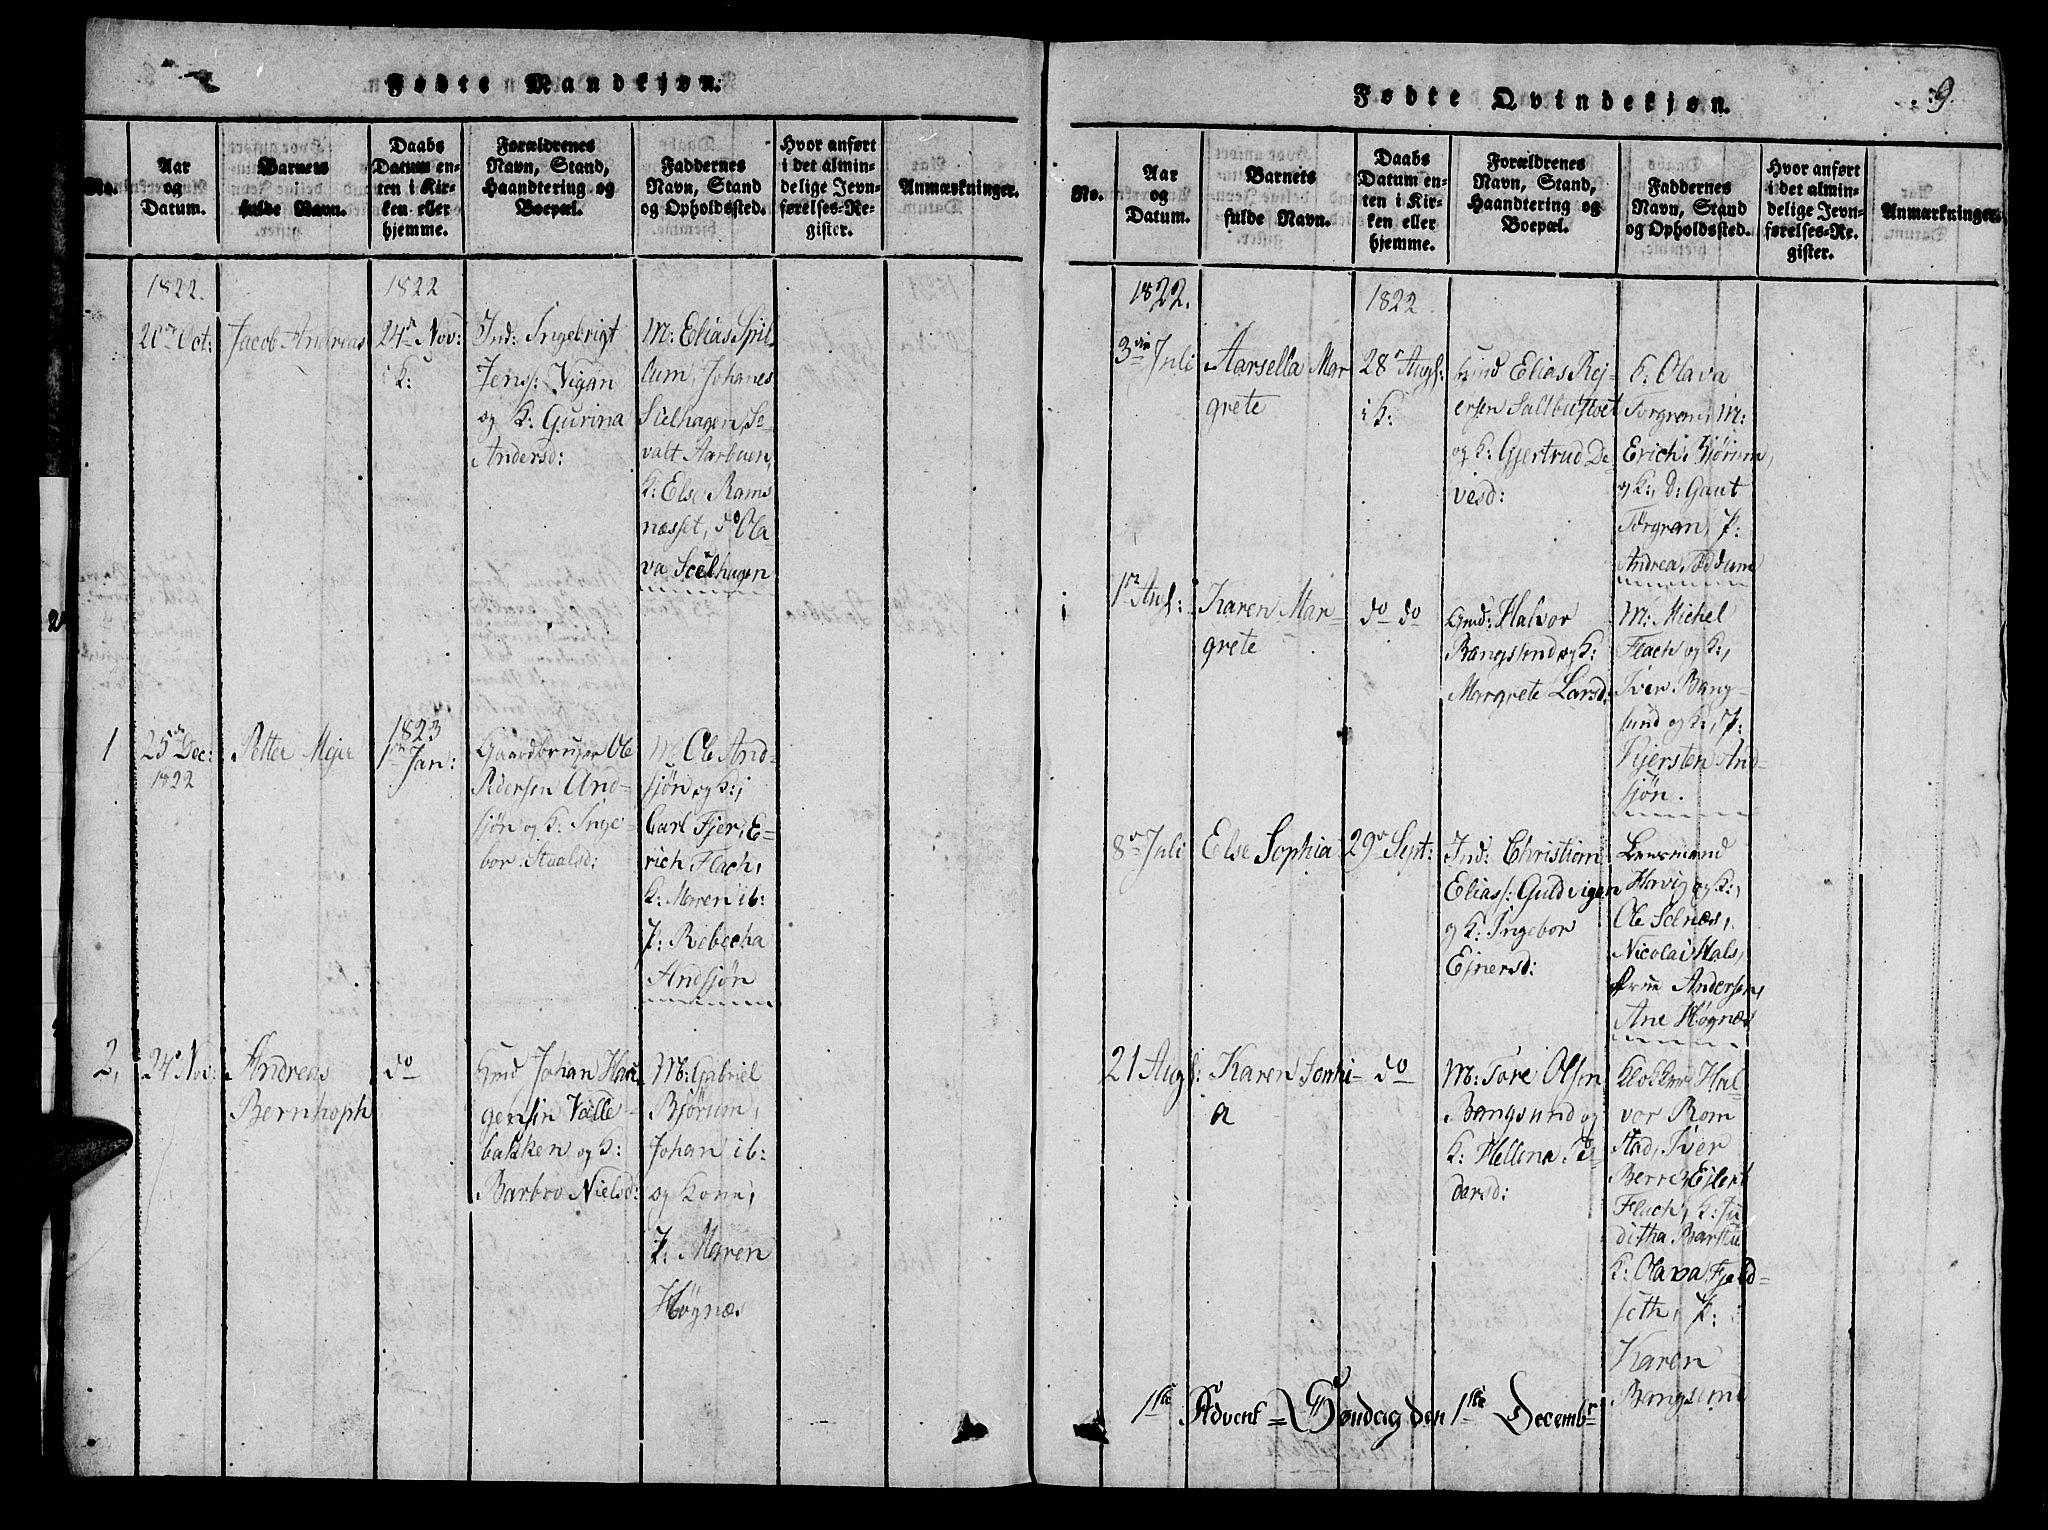 SAT, Ministerialprotokoller, klokkerbøker og fødselsregistre - Nord-Trøndelag, 770/L0588: Ministerialbok nr. 770A02, 1819-1823, s. 9